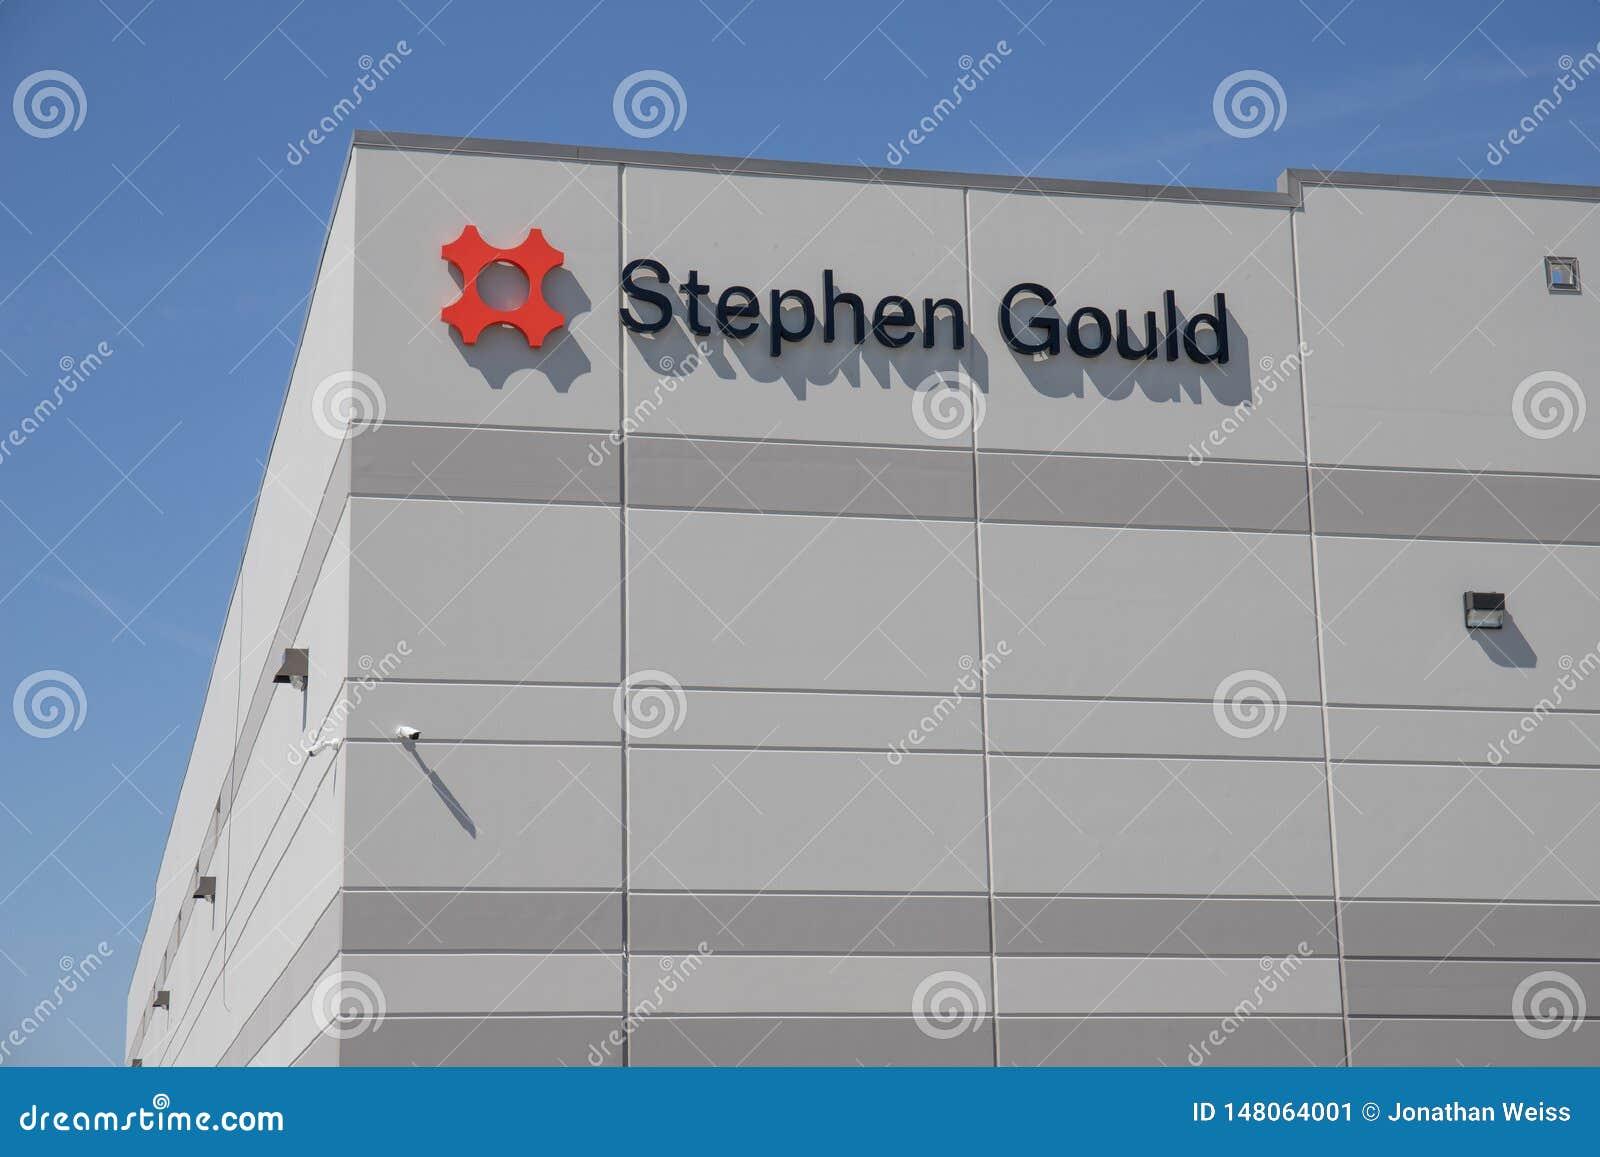 Προϊόν και συσκευάζοντας κέντρο Ι συνήθειας του Stephen Gould λύσεων